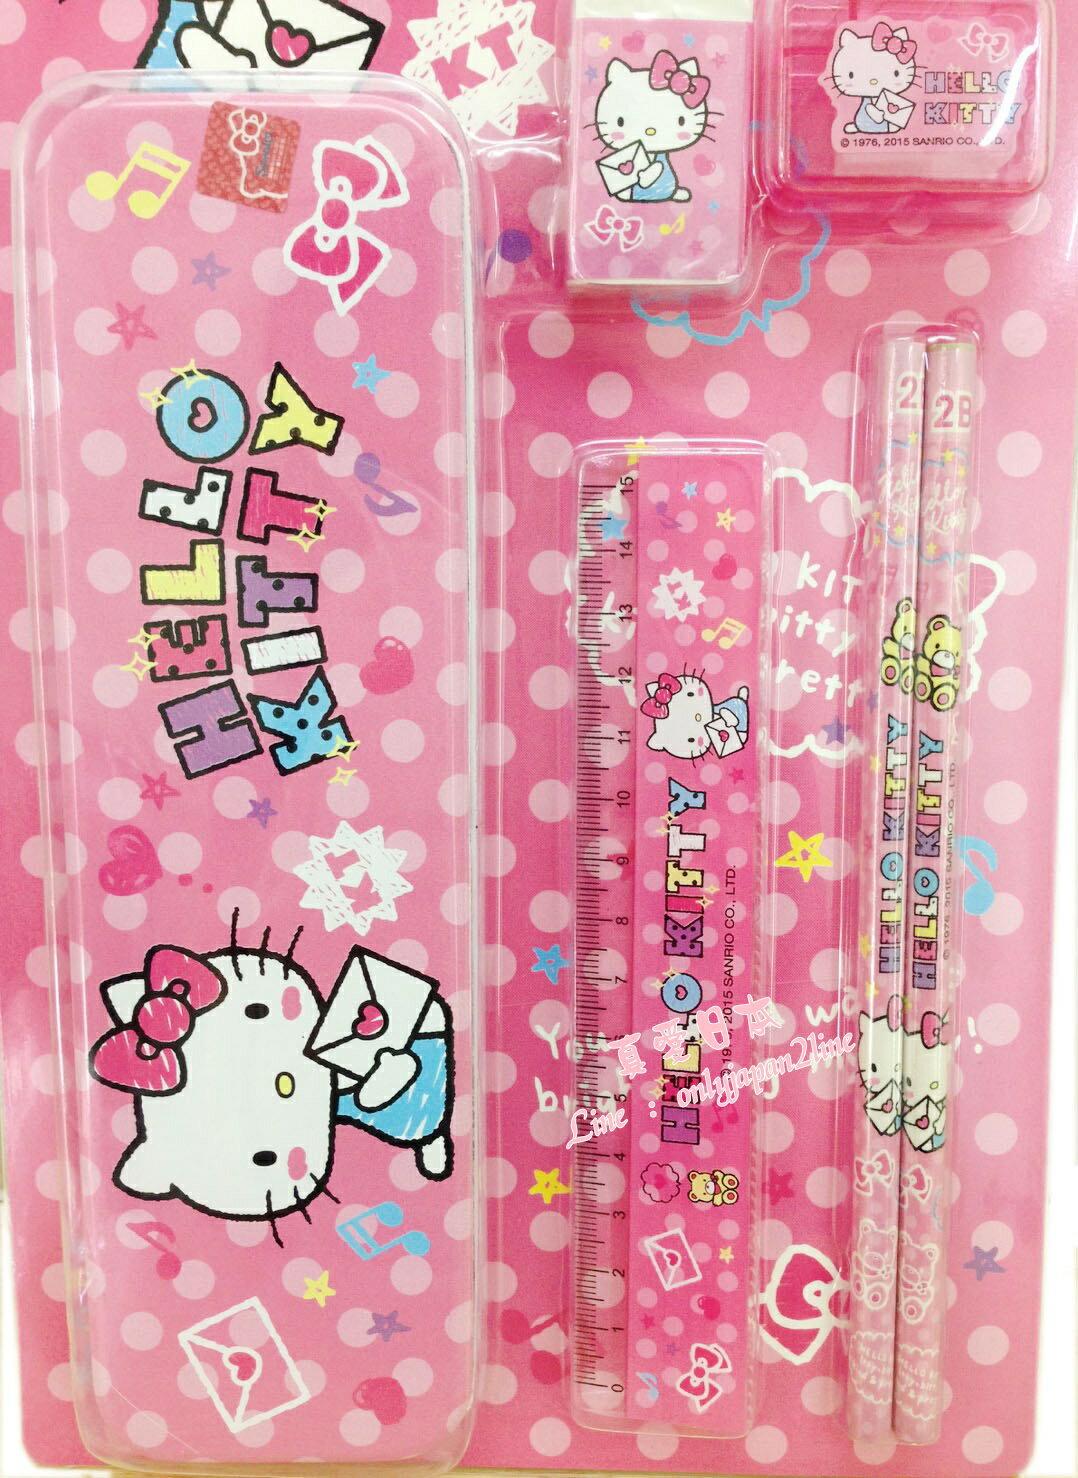 【真愛日本】160816000166件文具組-KT信封粉  三麗鷗 Hello Kitty 凱蒂貓  文具組 文具用品